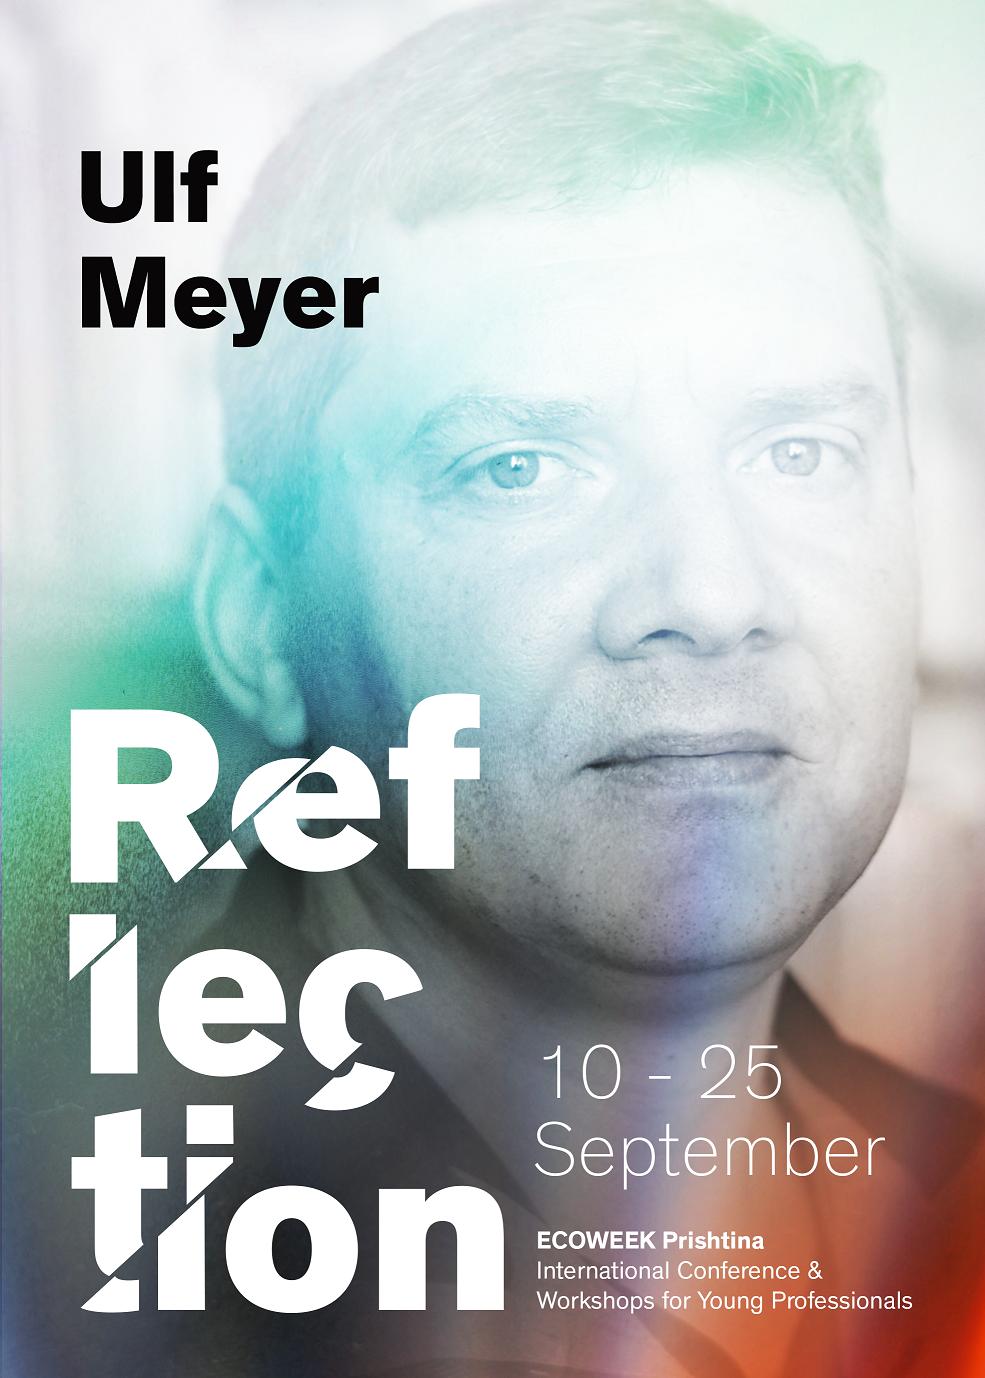 1. Ulf-Meyer